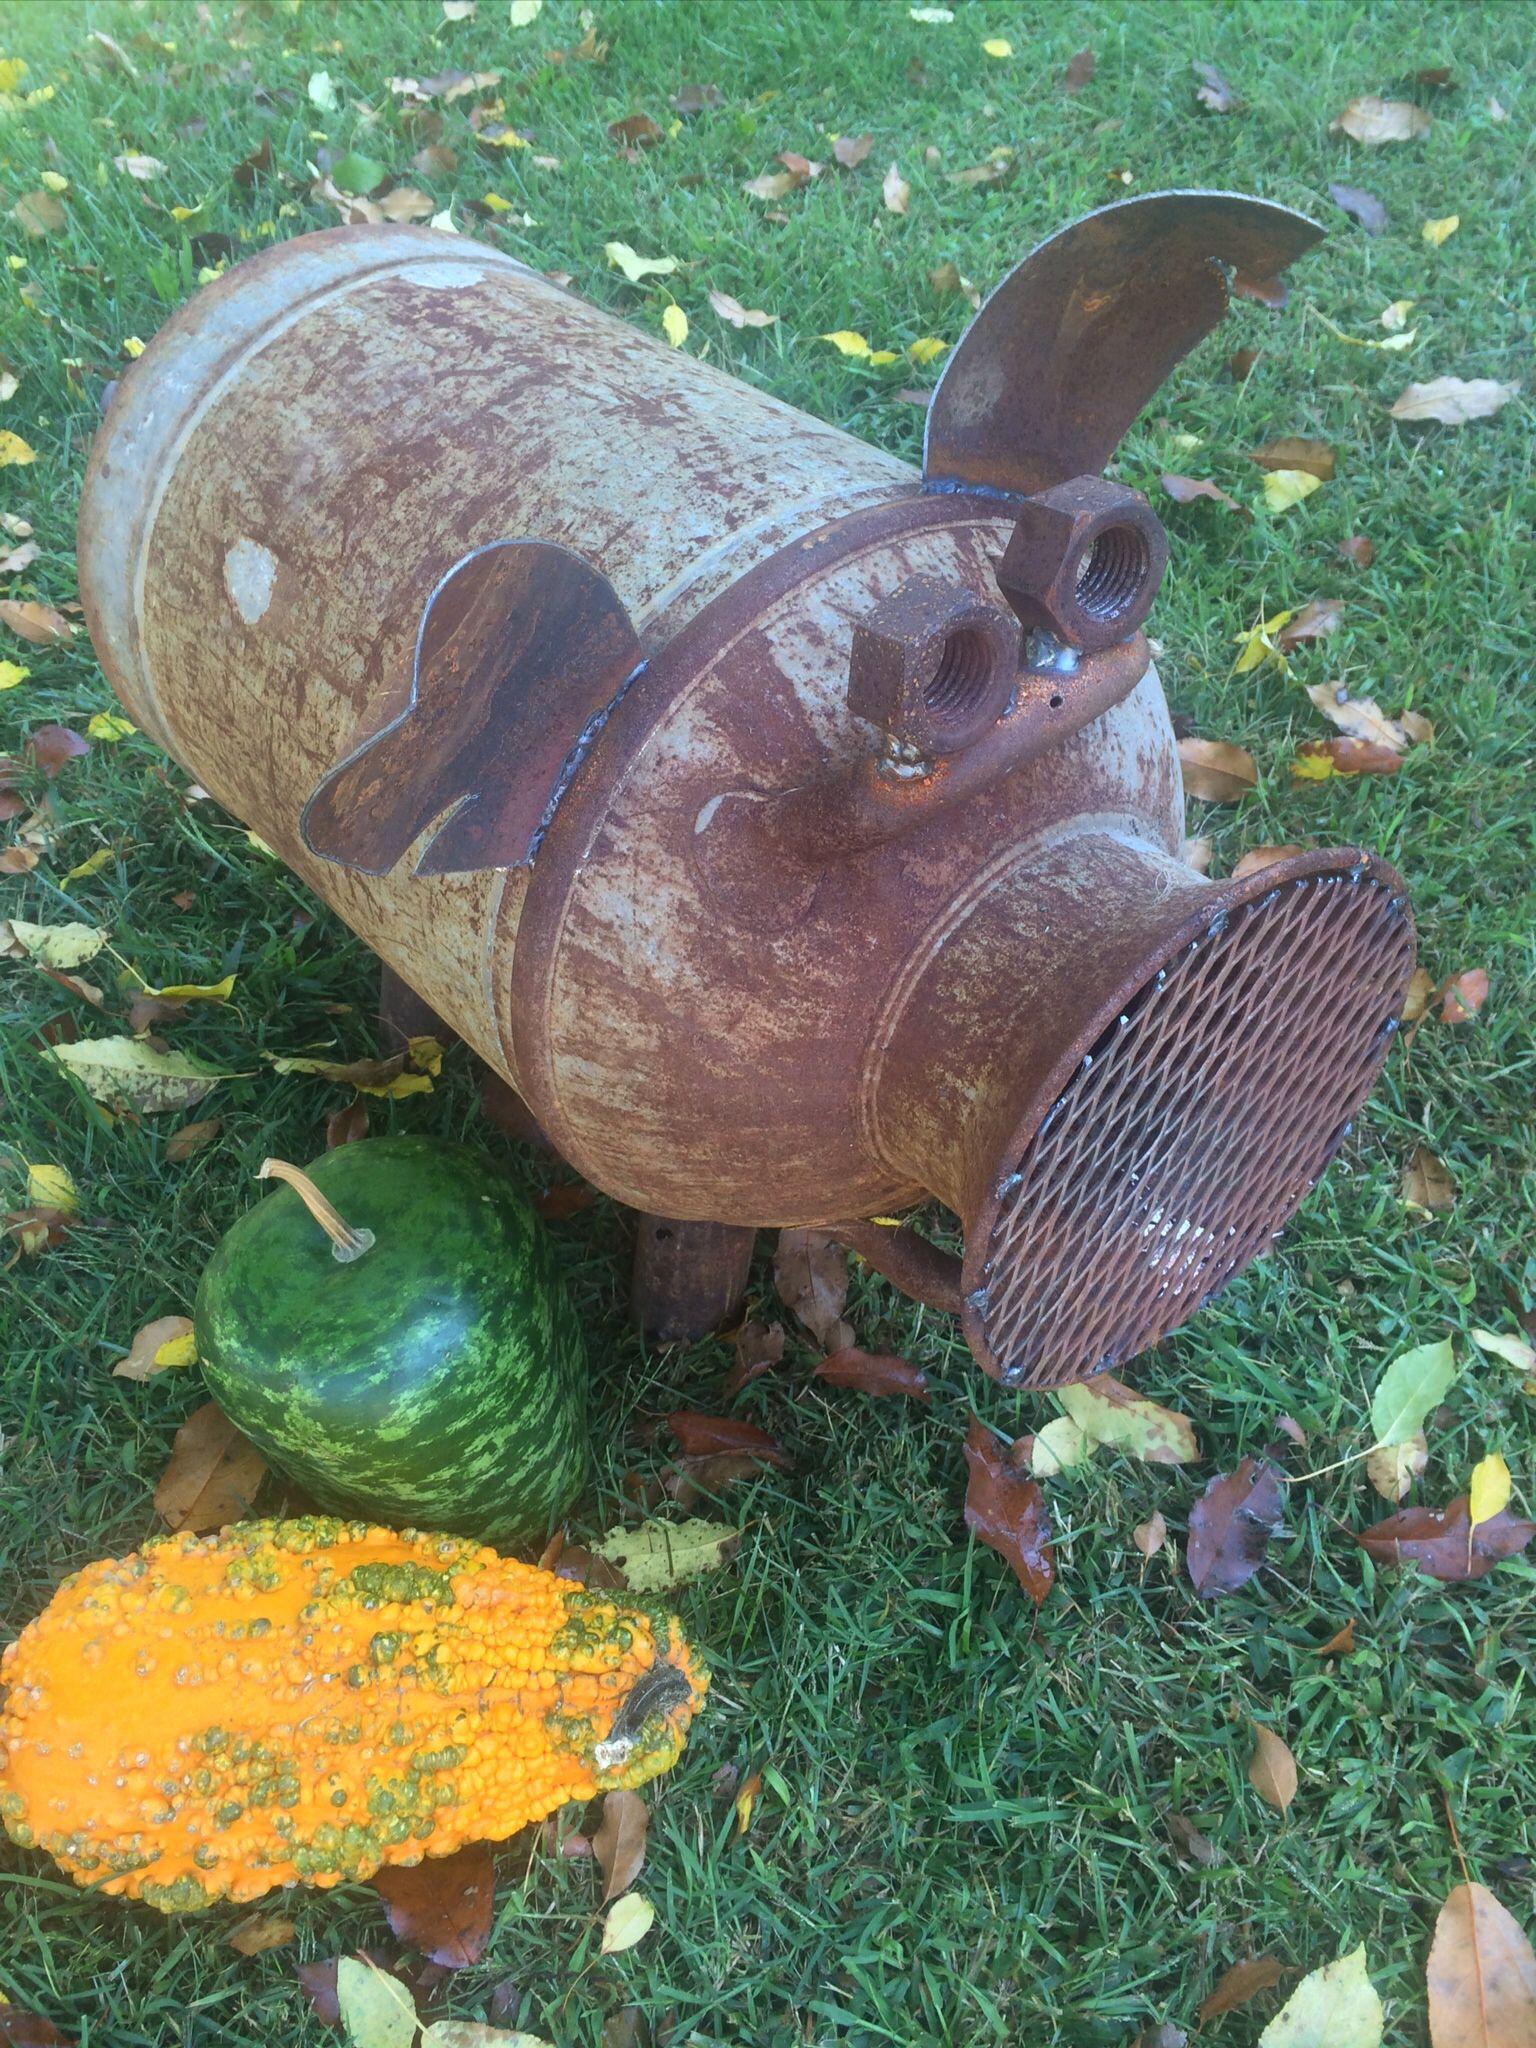 Symphonie Textile Pour Celebrer La Nouvelle Annee Organza De Soie Ecrit De Partitions Marie Aux Sublim Welding Art Projects Scrap Metal Art Metal Garden Art